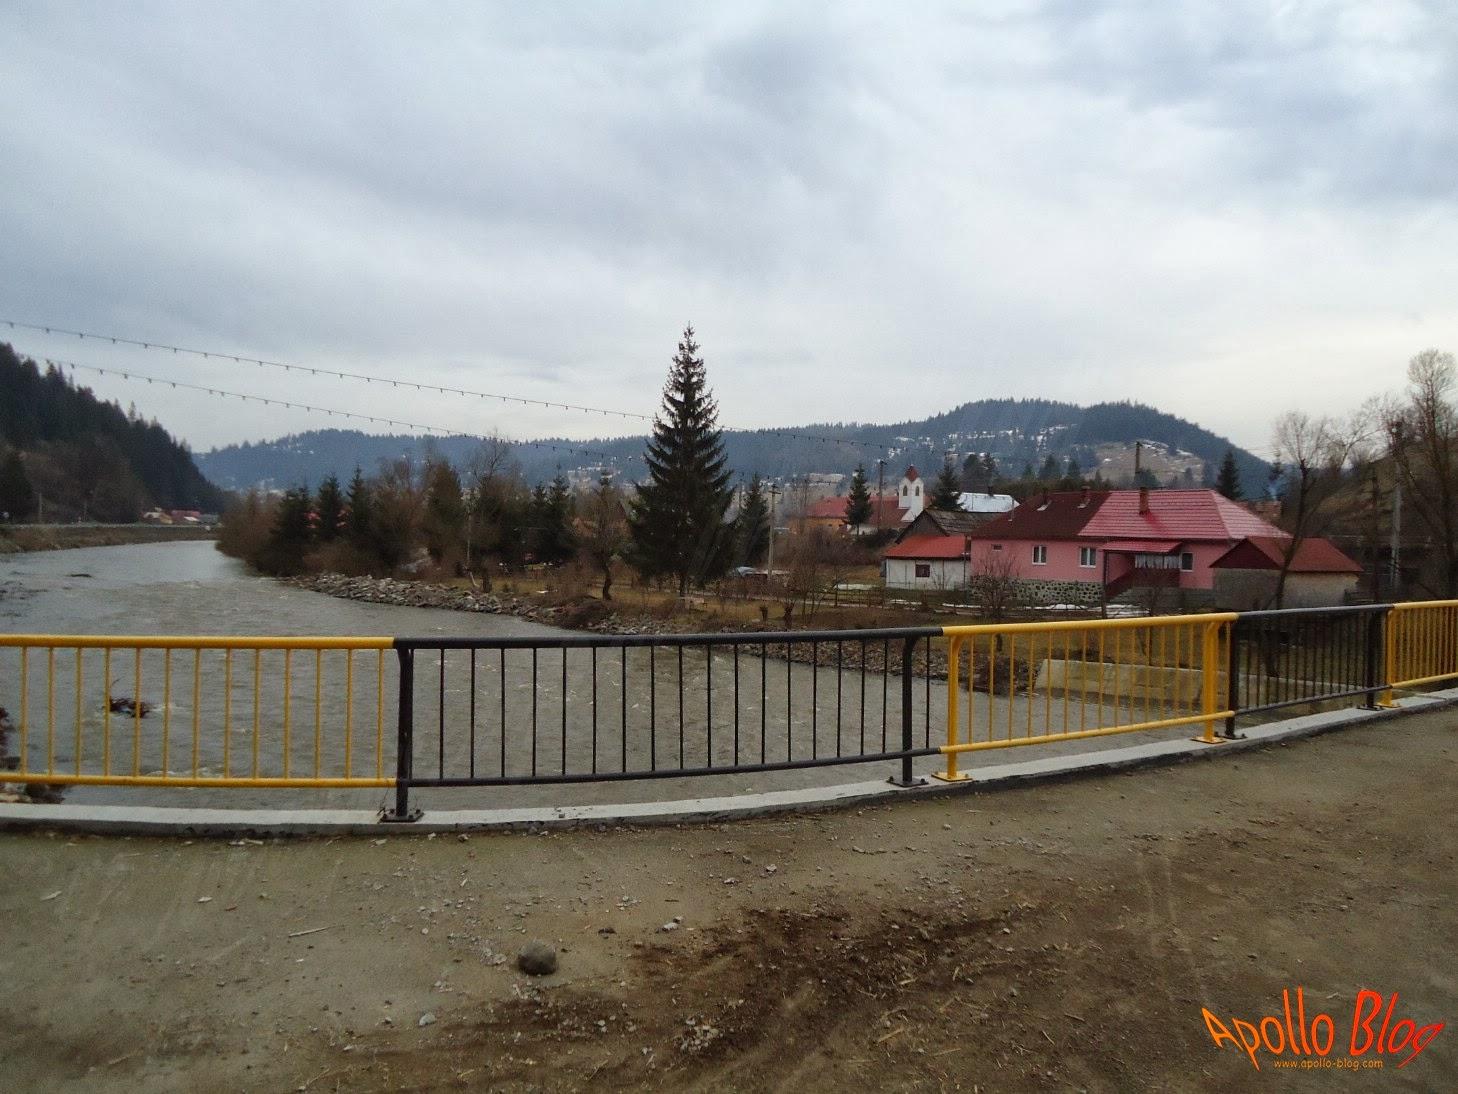 Noul pod peste Mures